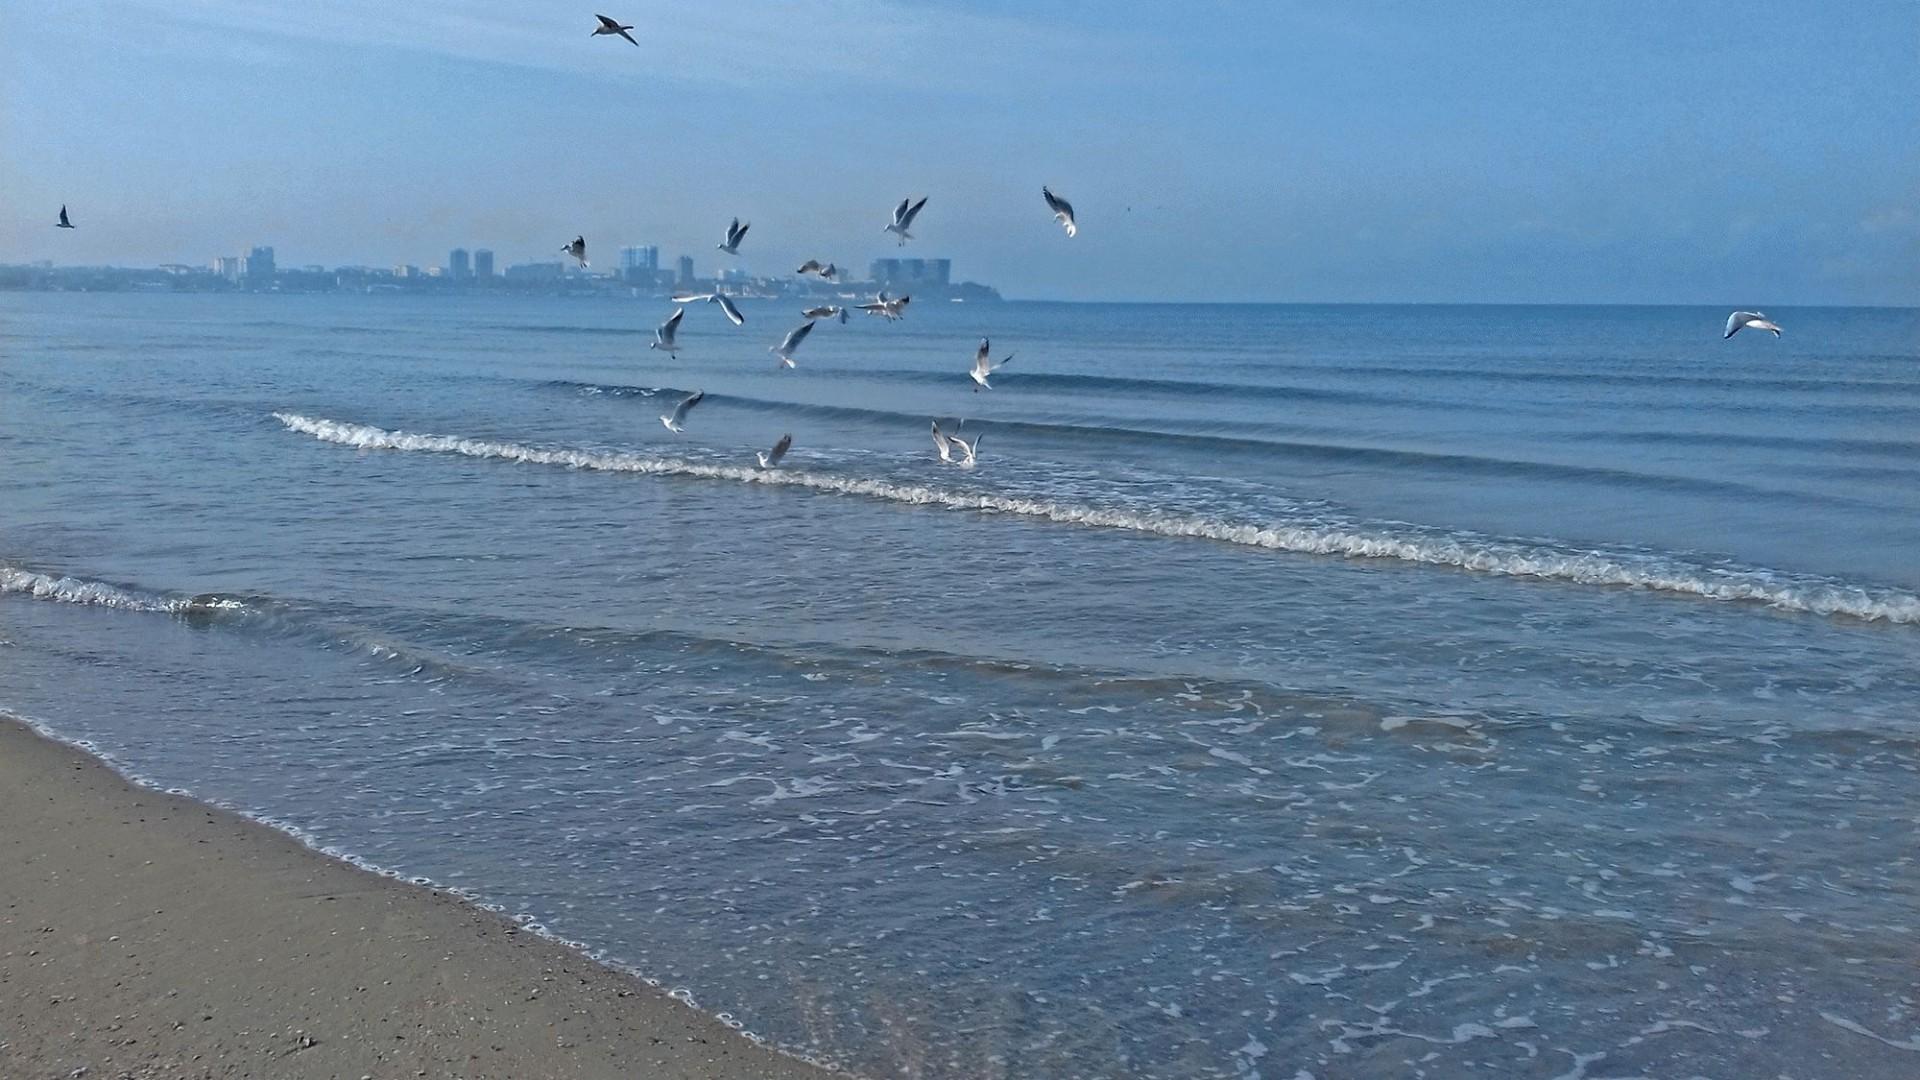 Бархатный сезон завершается, но если повезет с погодой, в начале месяца еще можно будет купаться и загорать